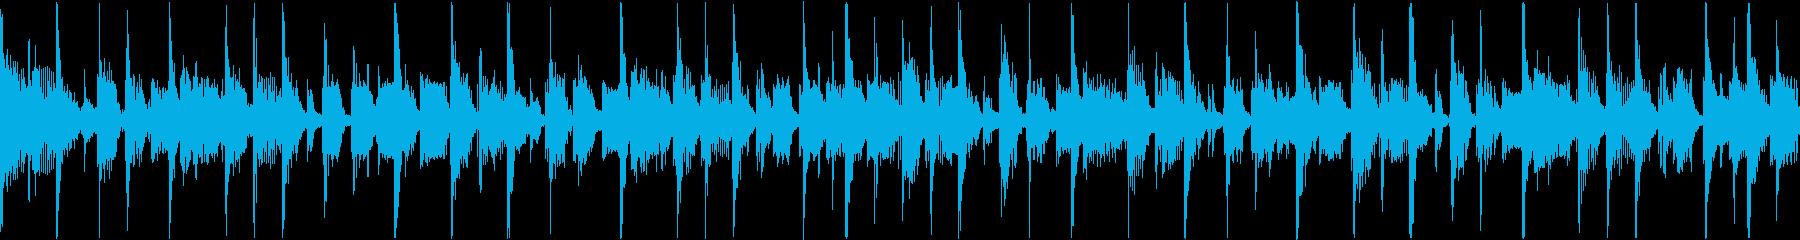 クールなジャズファンクの再生済みの波形